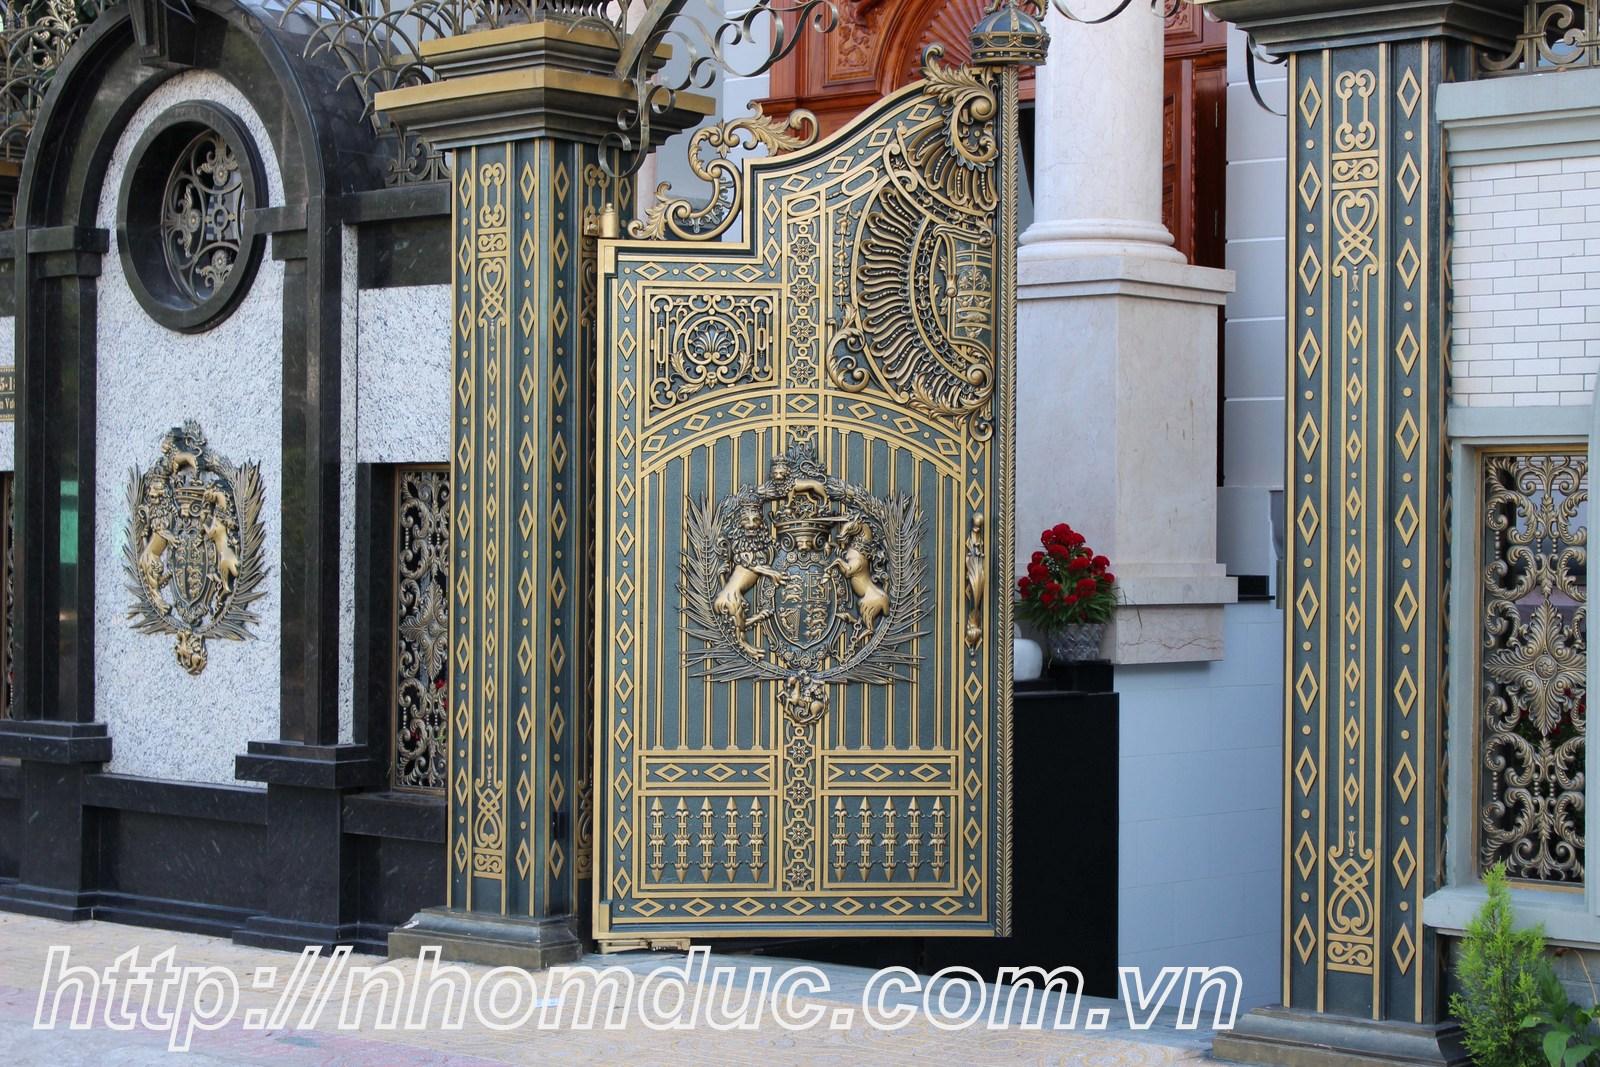 Mẫu cửa nhôm đúc Hà Nội 3, cổng cửa nhôm đúc hợp kim chất liệu nhôm nhập khẩu với chất lượng sơn cao cấp nổi tiếng, liên hệ để mua cửa cổng nhôm hợp